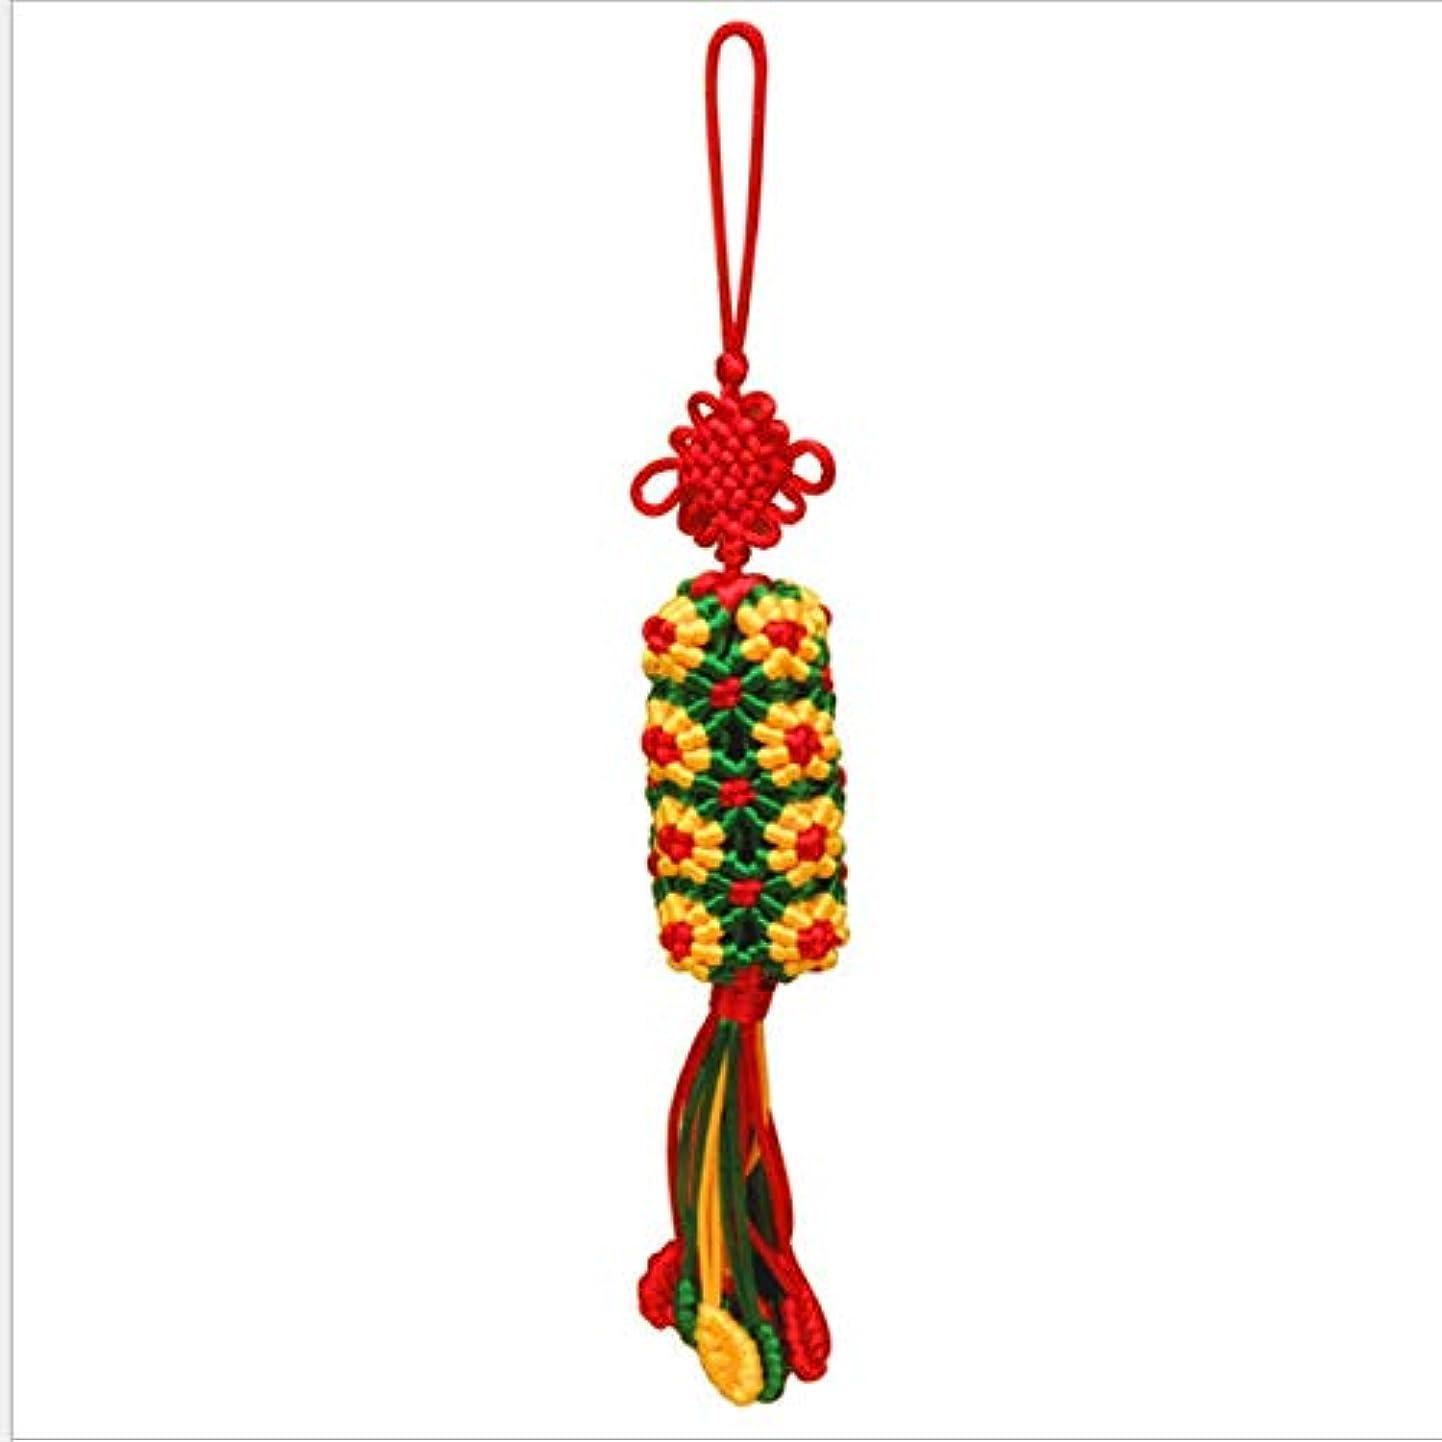 モロニック一生ピアースJingfengtongxun 1パック、カラフルなロープの手編みの小さなペンダント、ひまわりのペンダント、フリンジサテンのチャイニーズノット(赤),スタイリッシュなホリデーギフト (Color : Red)